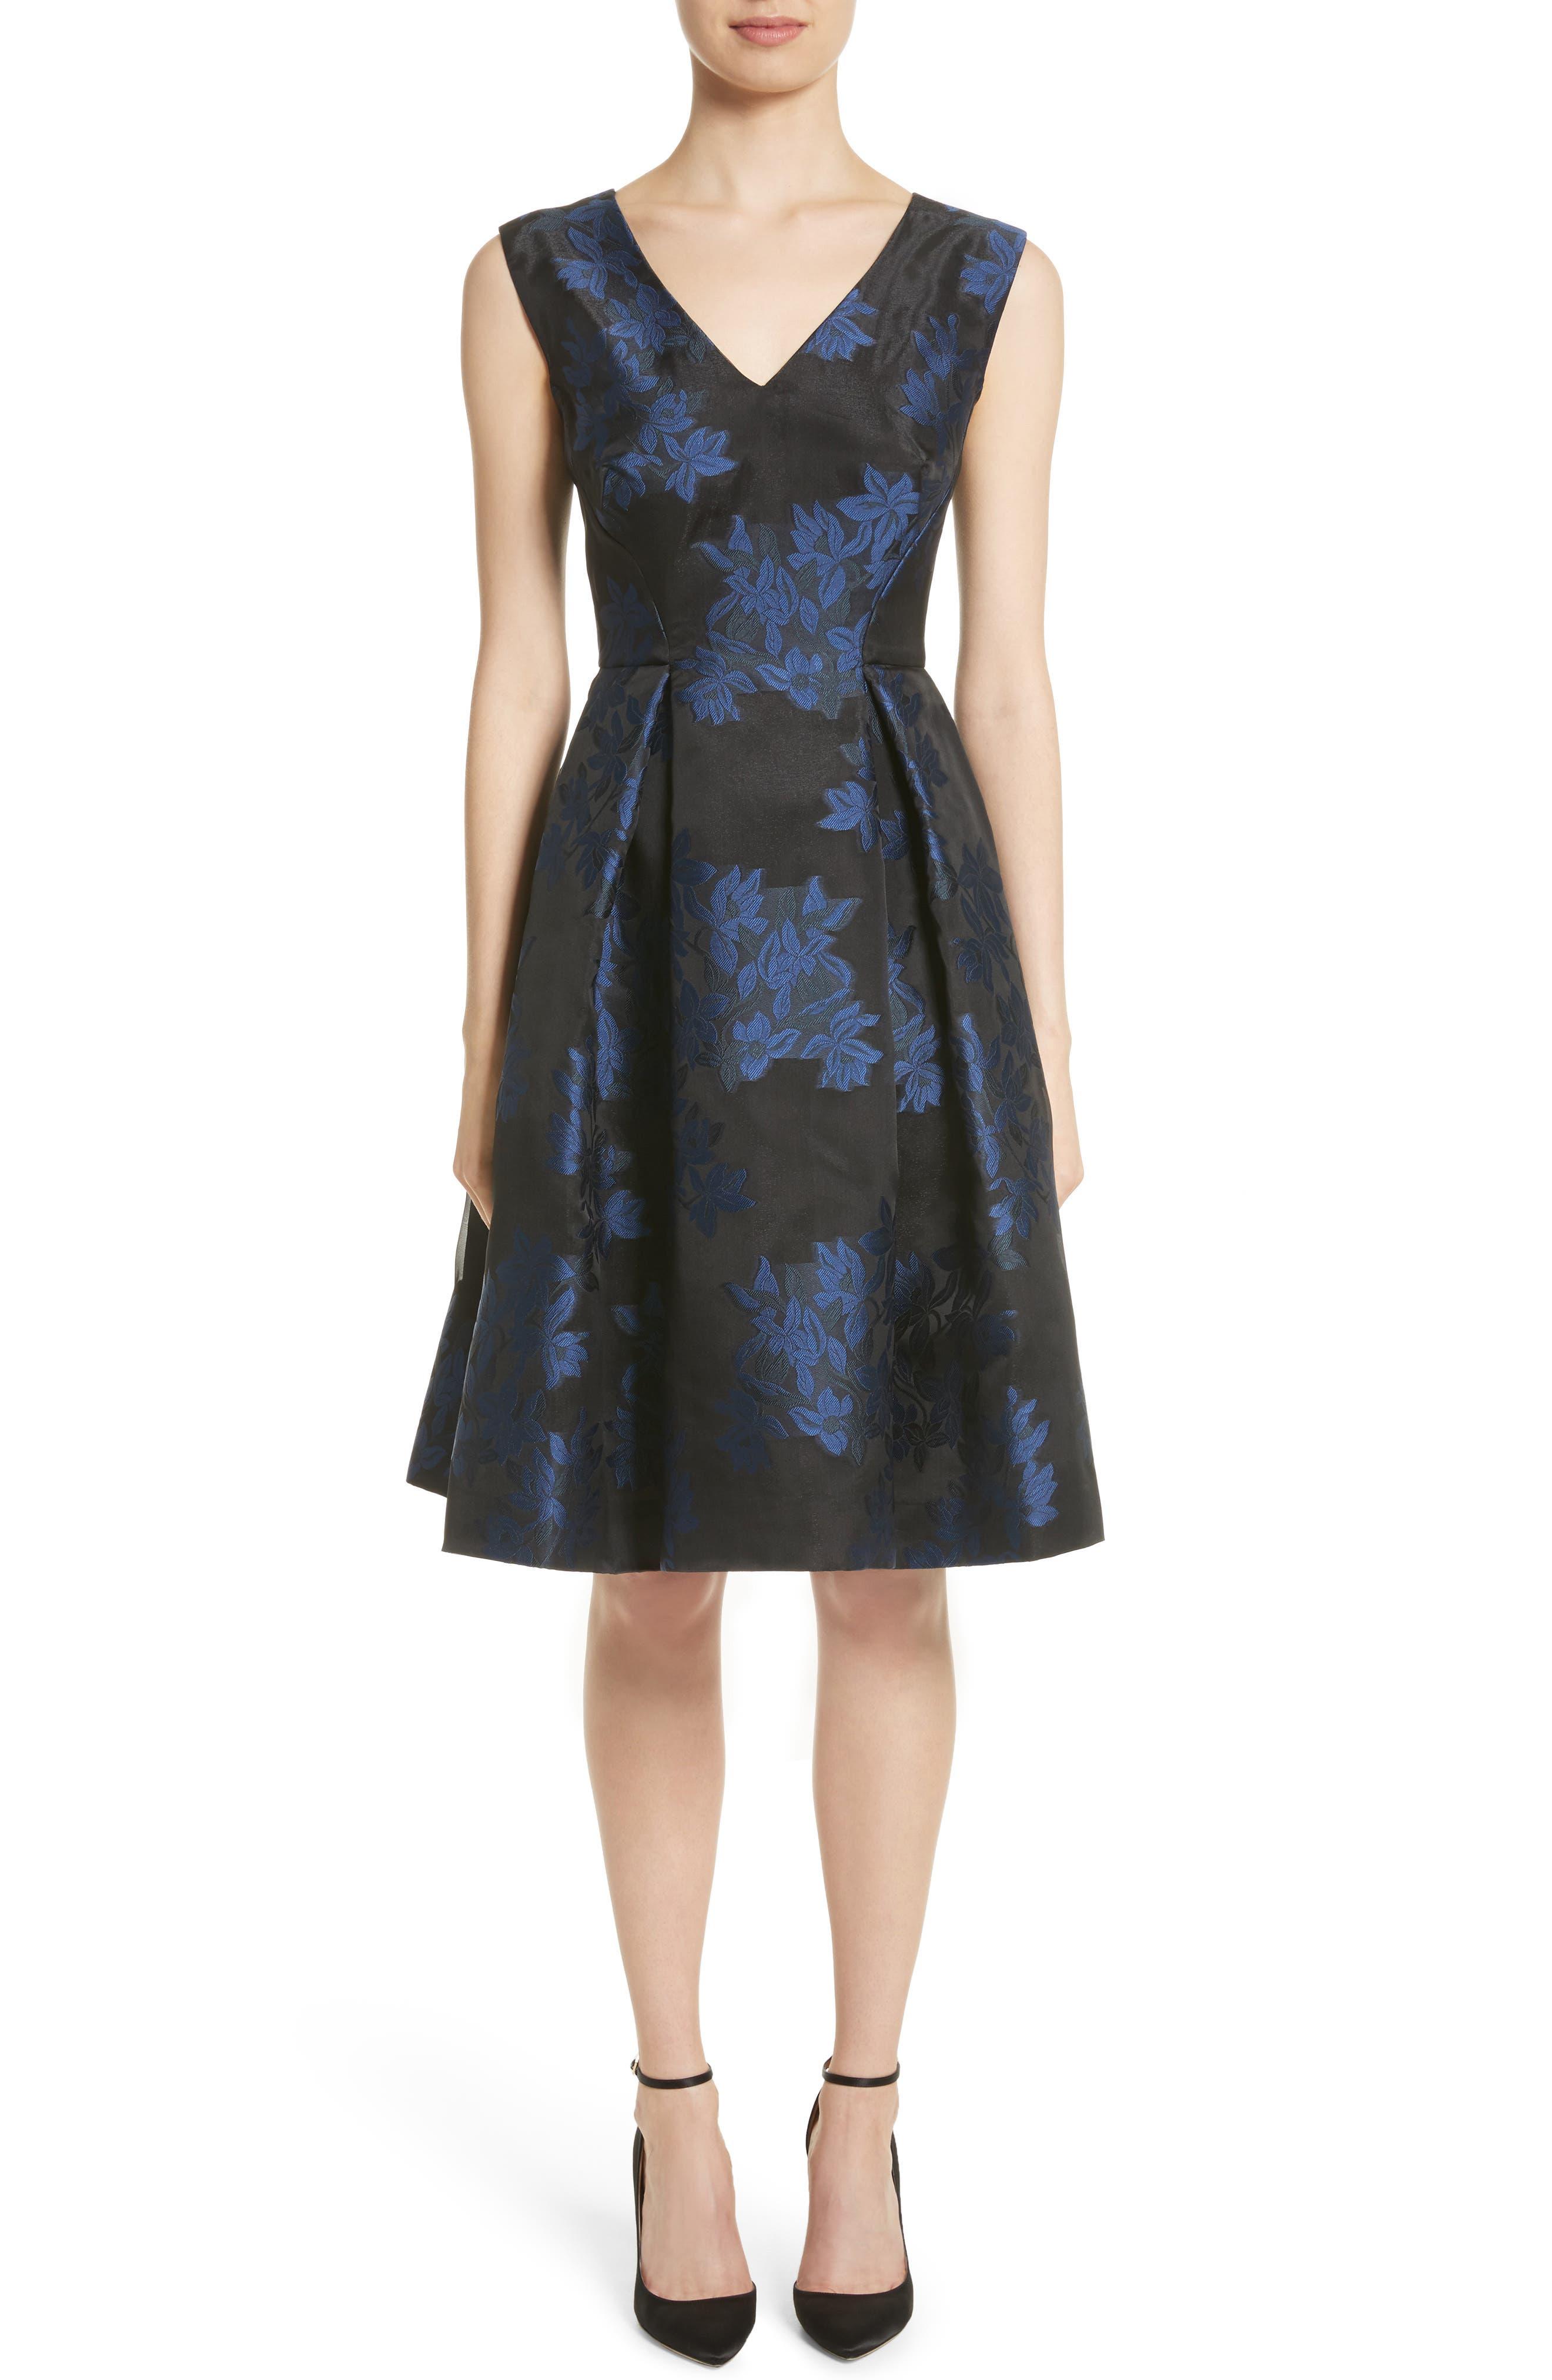 Zac Posen Floral Jacquard Party Dress